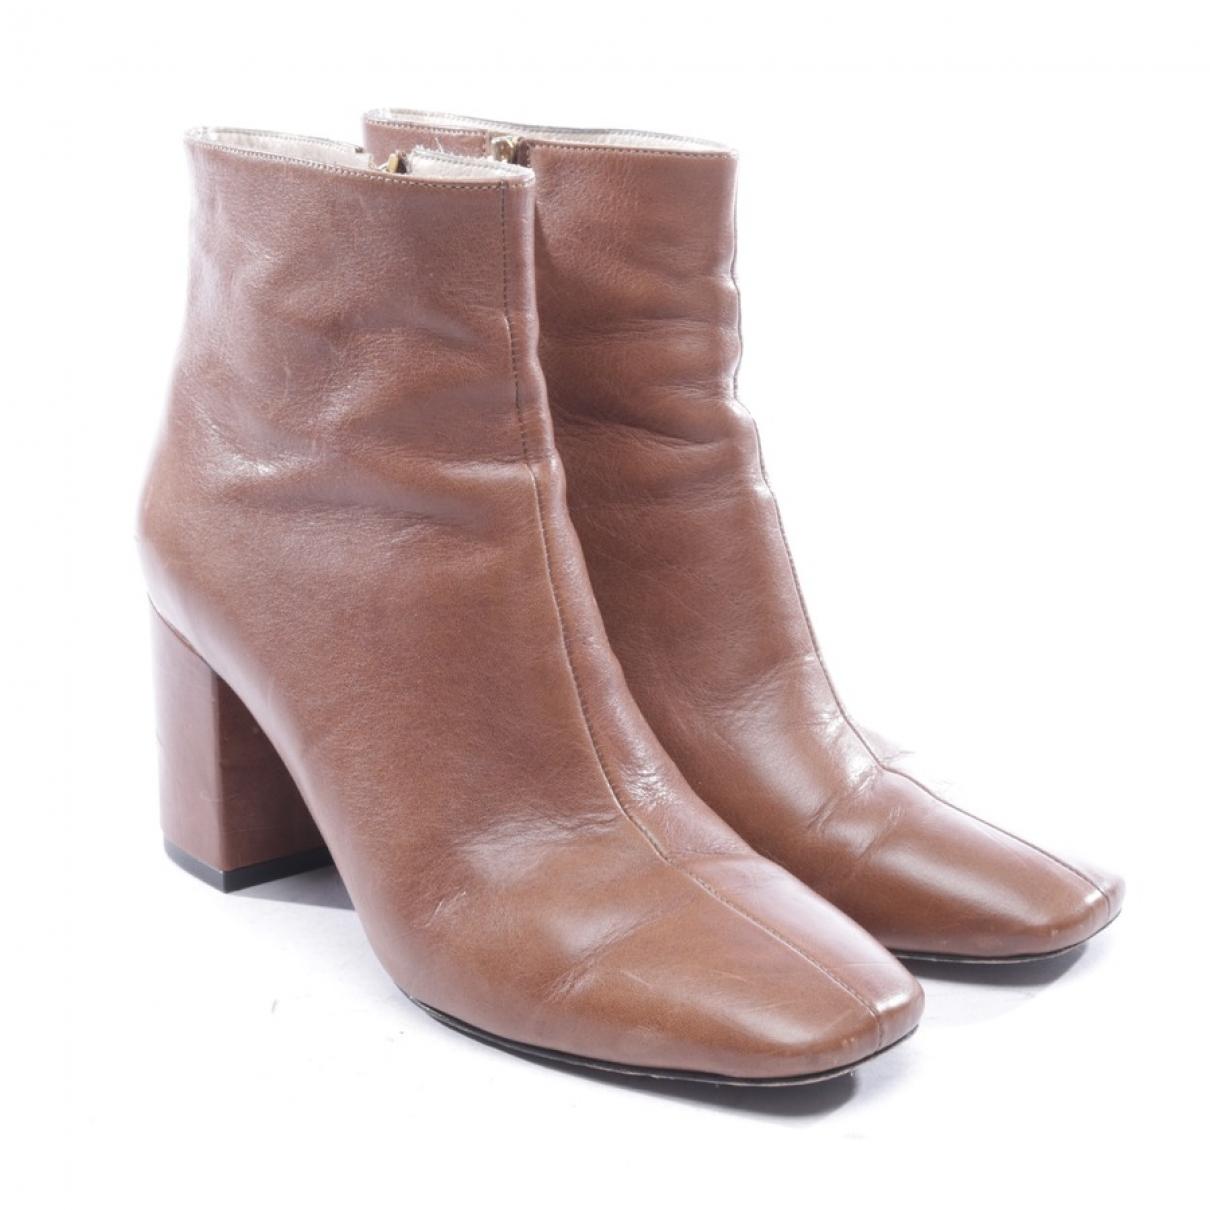 Anine Bing - Boots   pour femme en cuir - marron